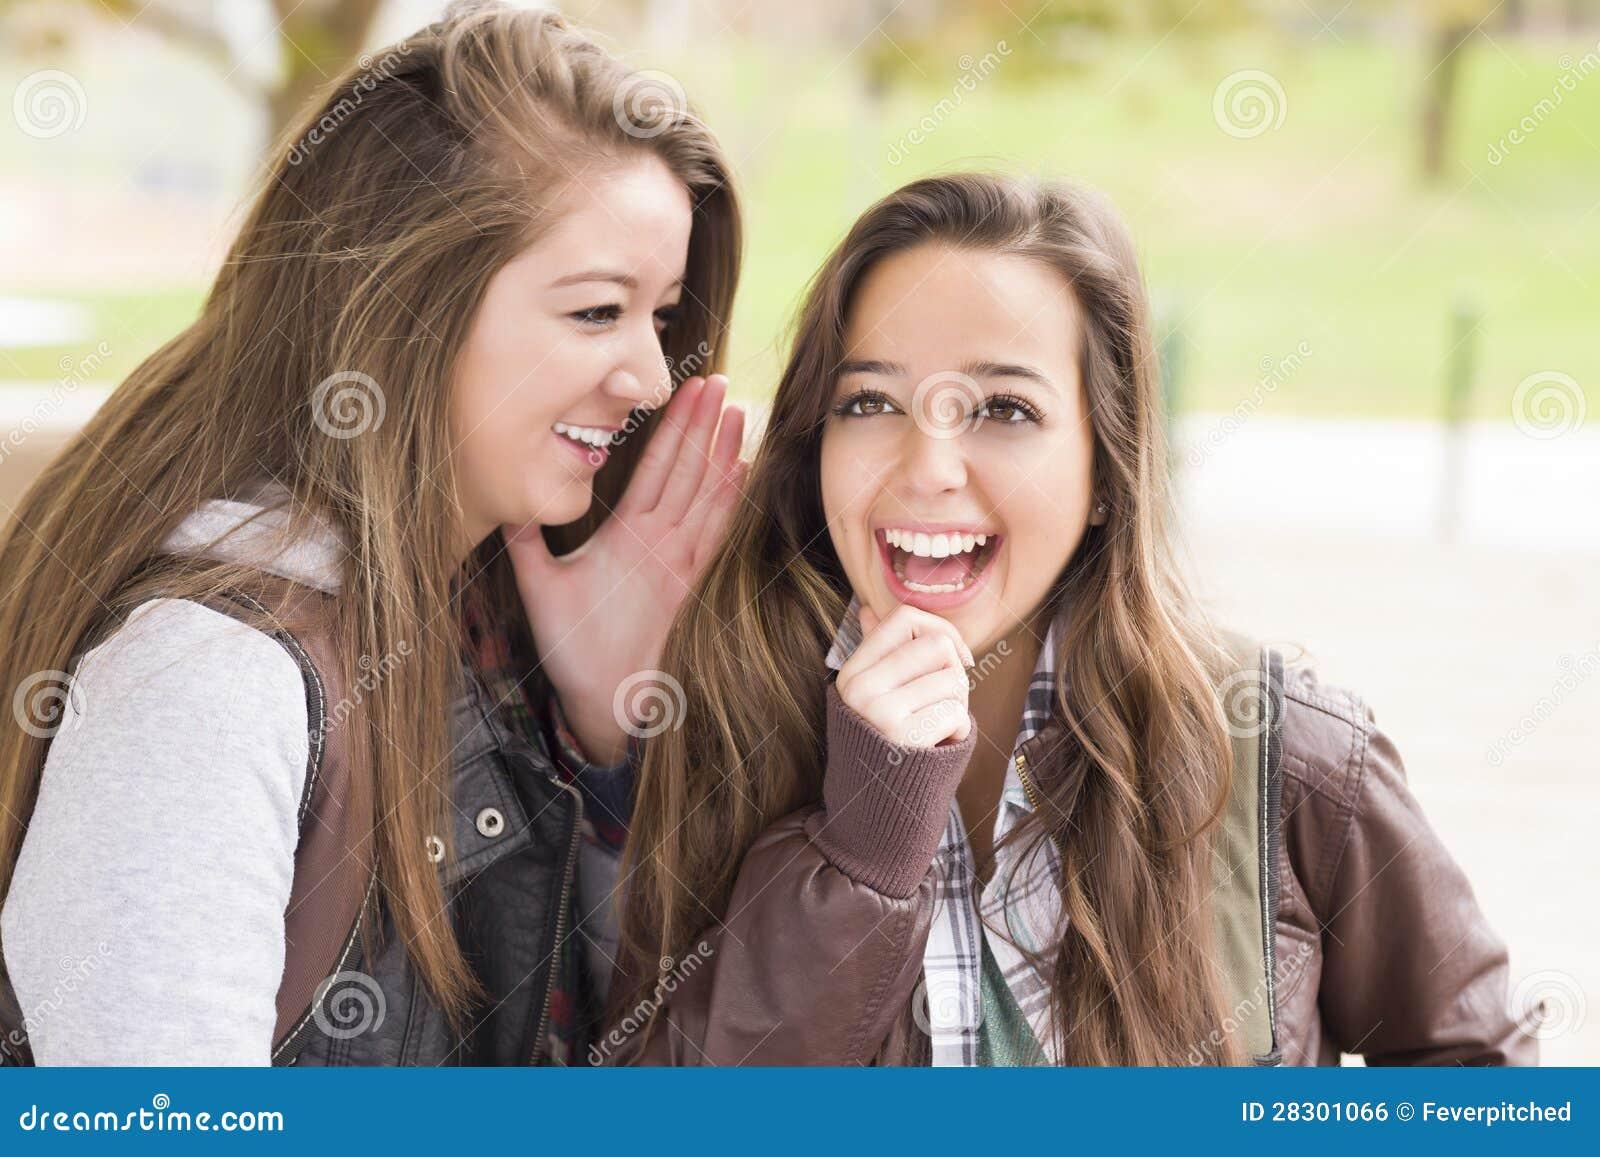 Homosexual women